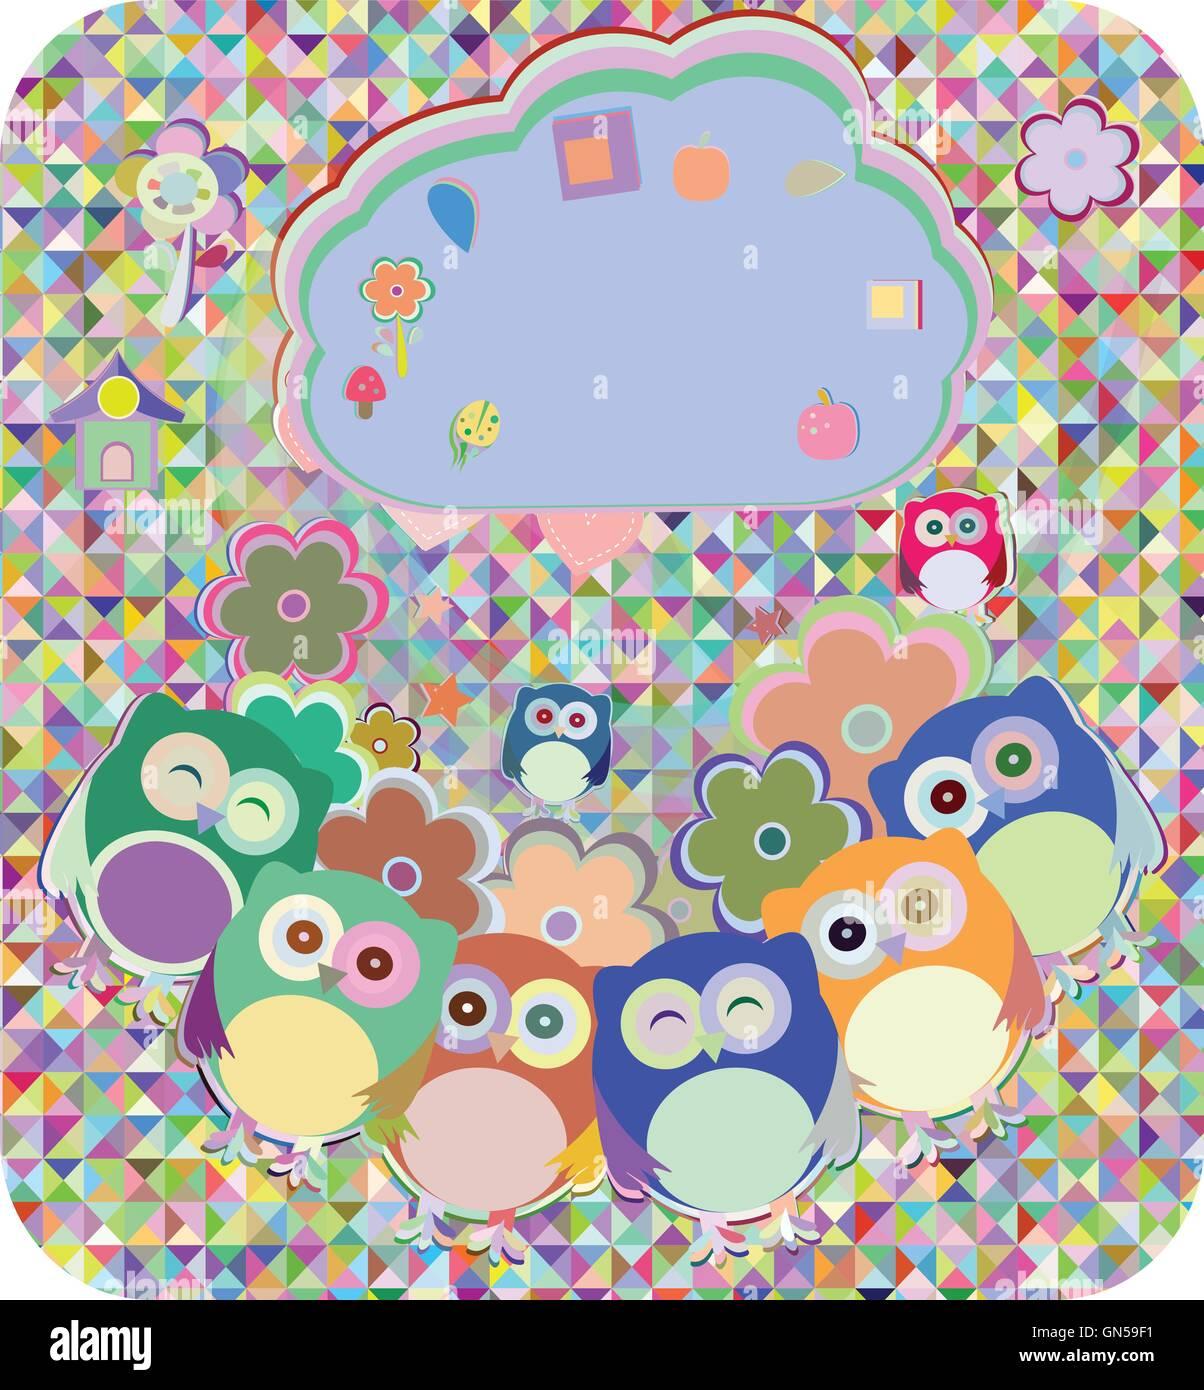 Les hiboux, oiseaux, fleurs, nuage et coeur d'amour, vector illustration Illustration de Vecteur